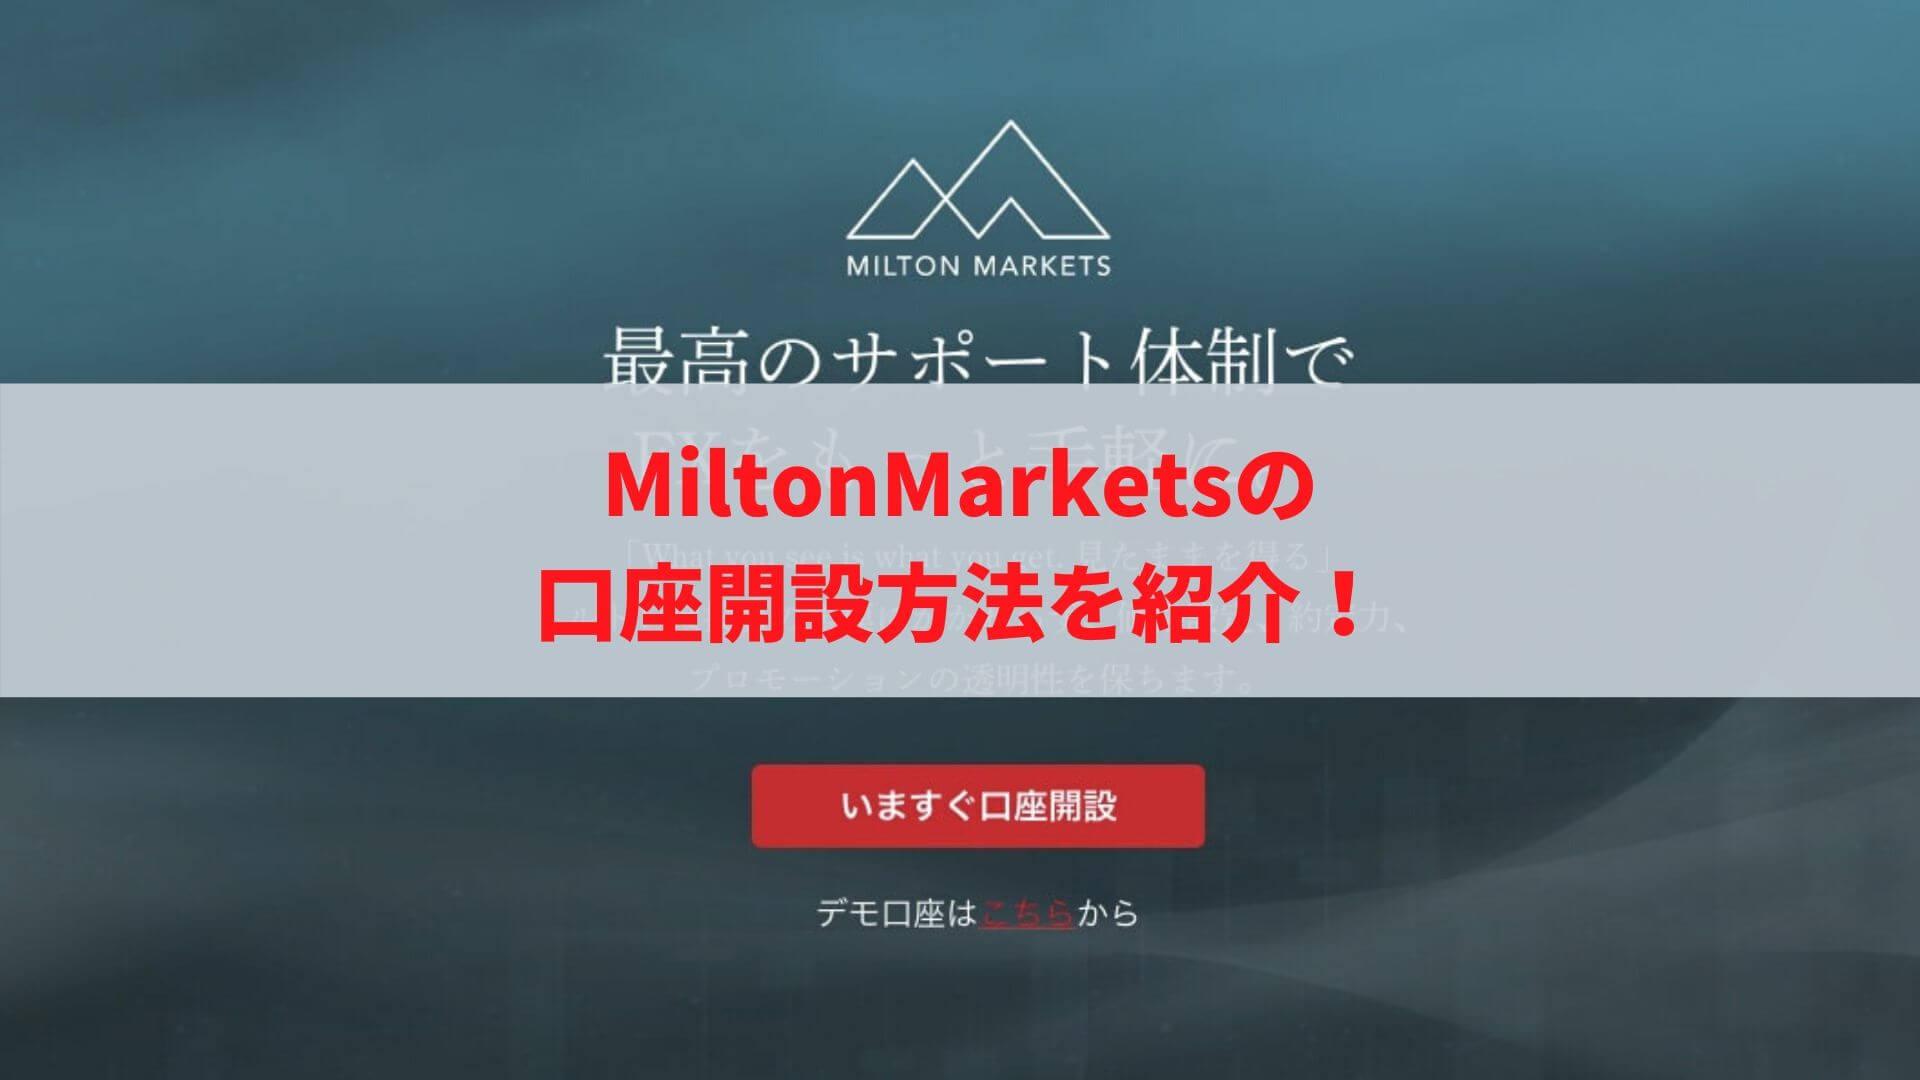 MiltonMarkets 口座開設